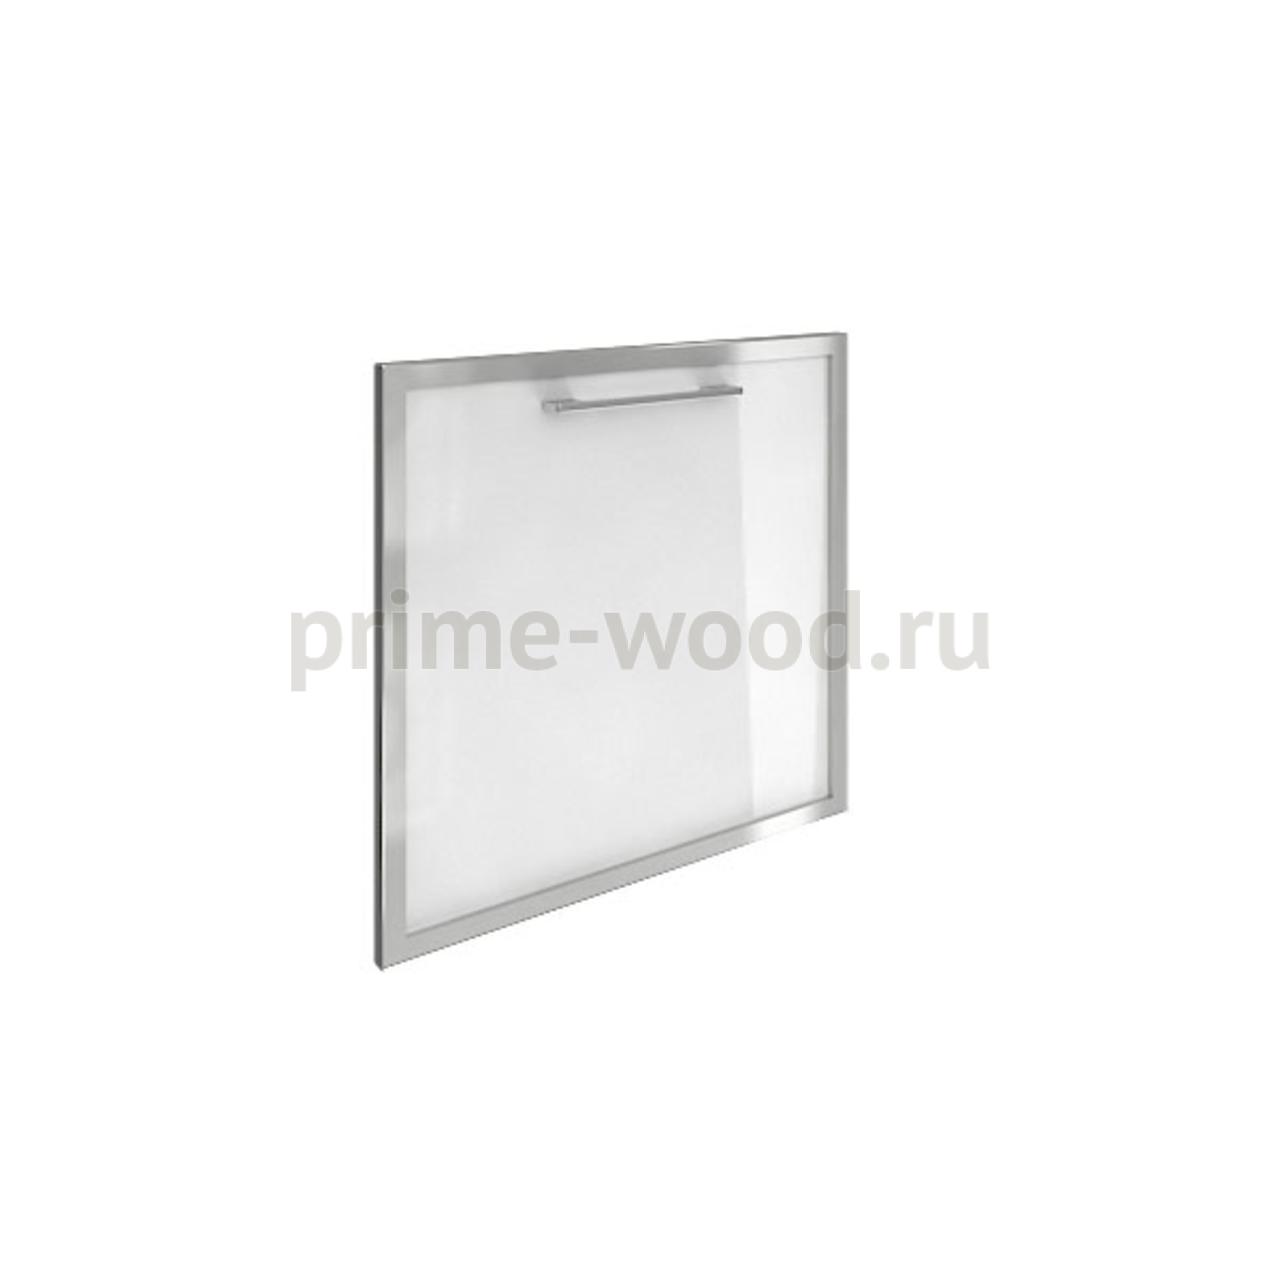 Дверь стекло рама шкаф четырехсекционный правый - фото 4